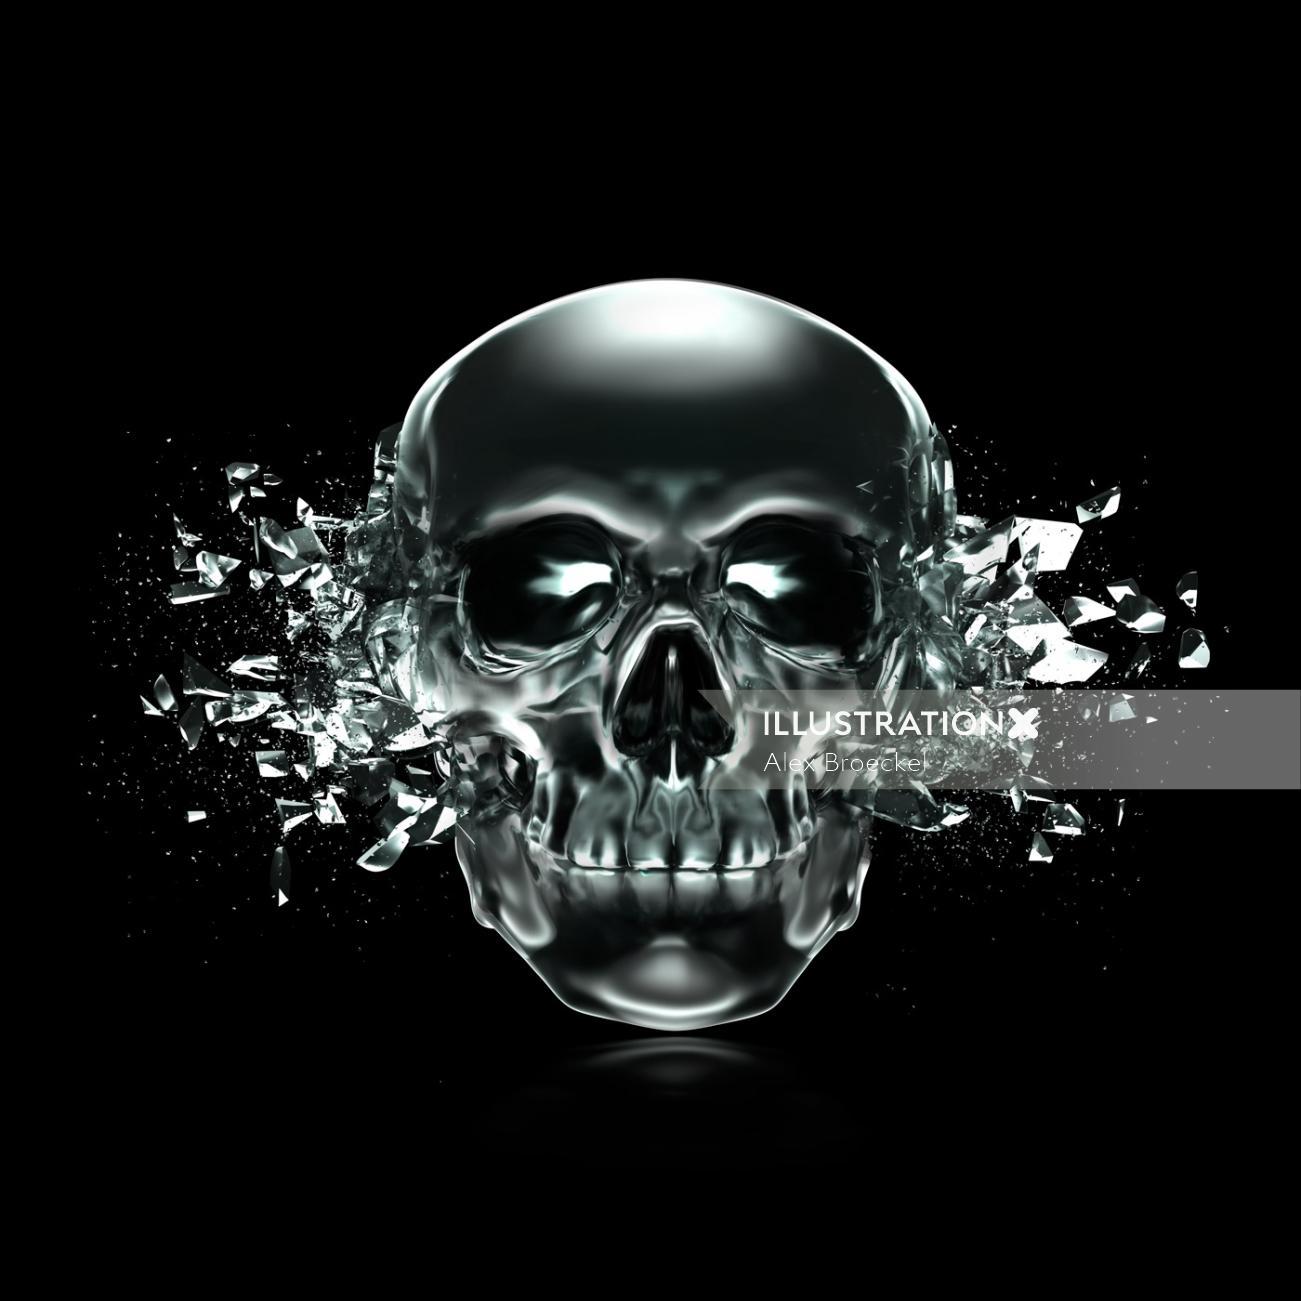 Black skull illustration by Alex Broeckel